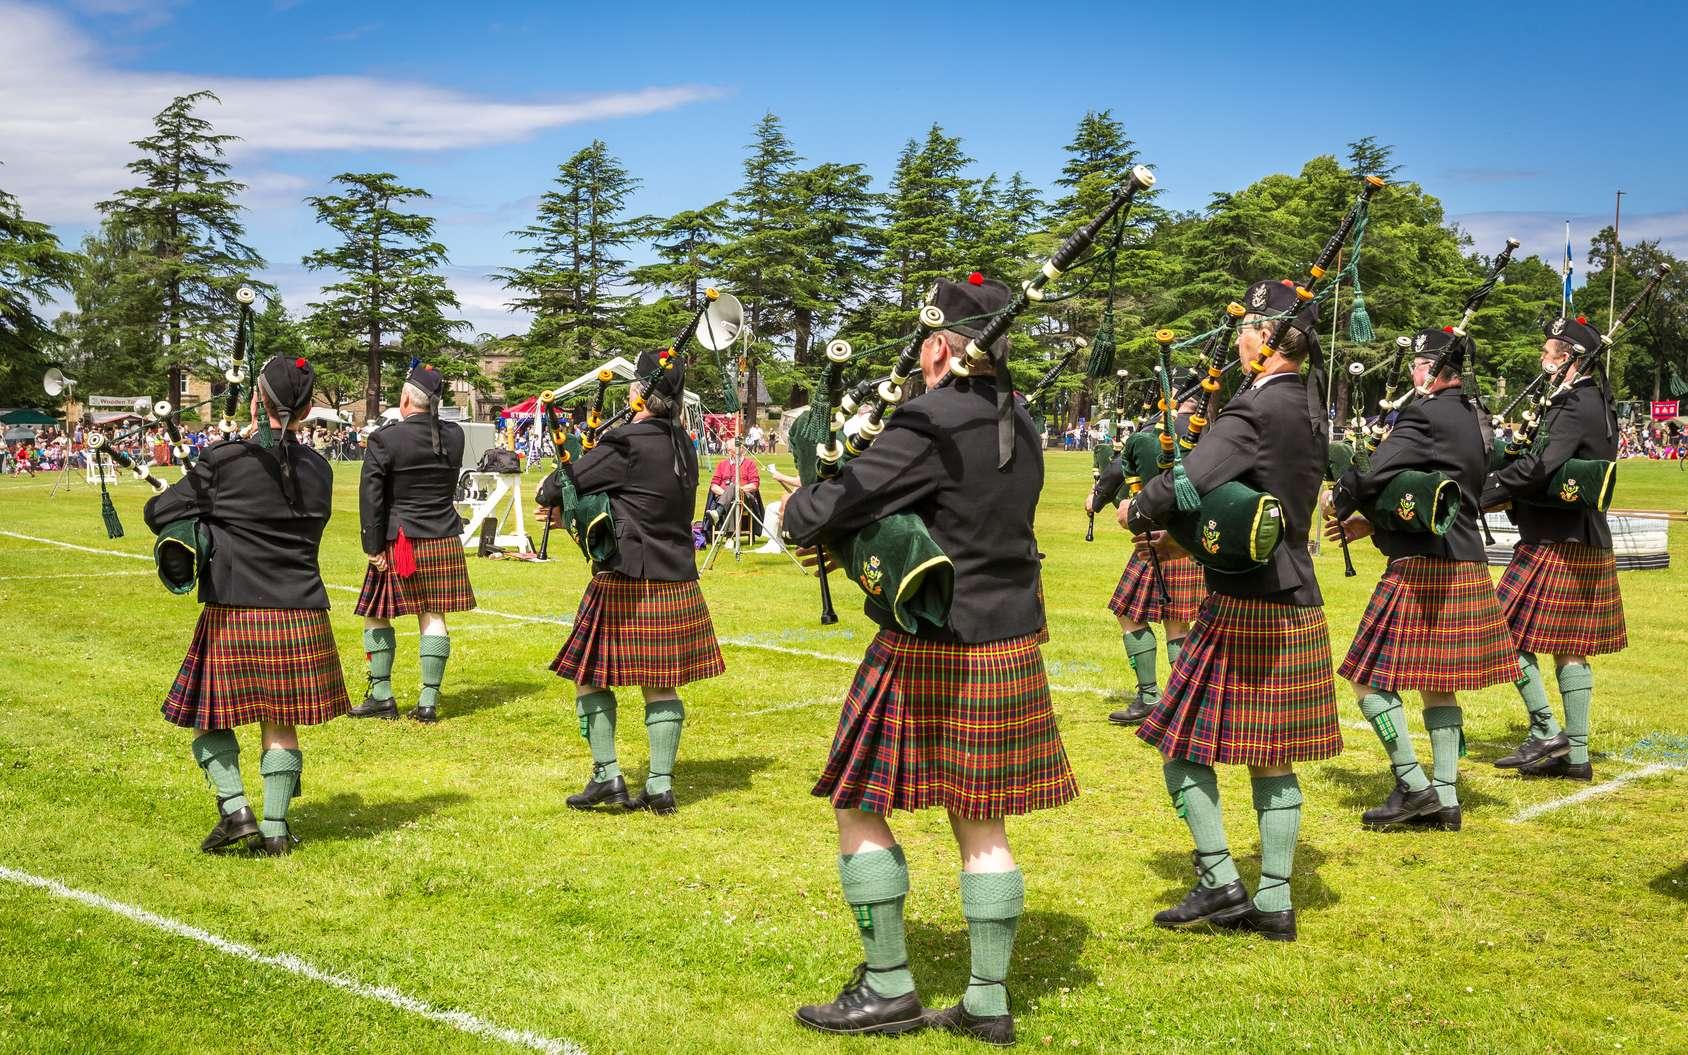 Orchestre de cornemuses lors des Highland Games en Écosse. © A. Karnholz, fotolia